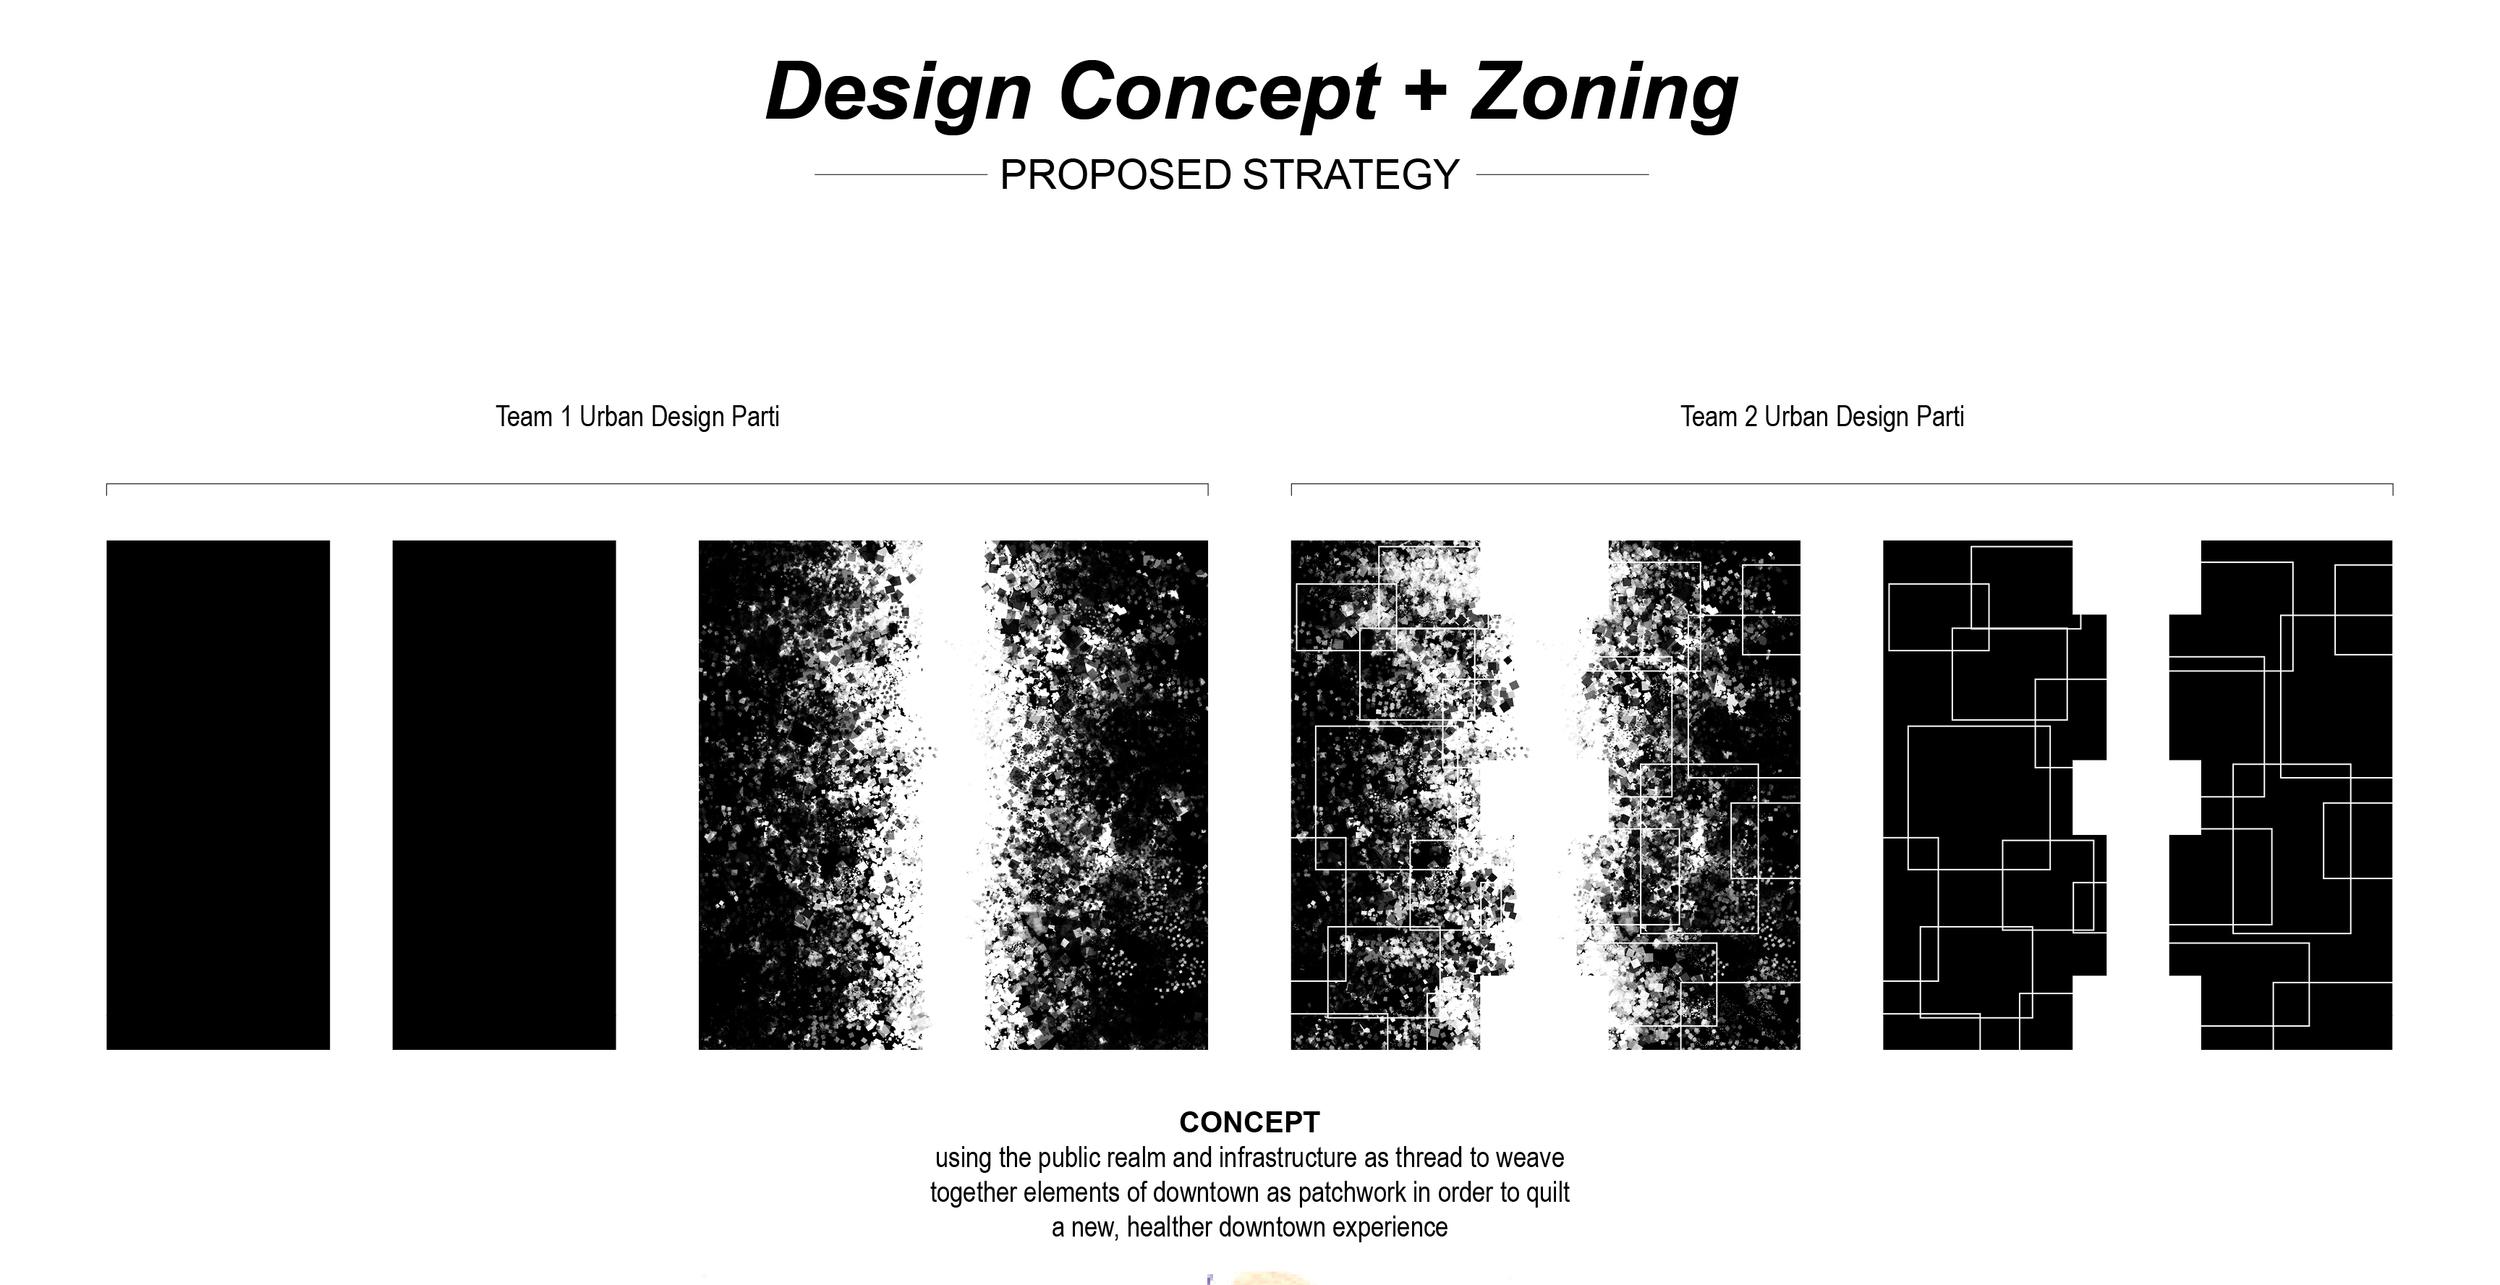 DesignConceptProposedStrategy.jpg